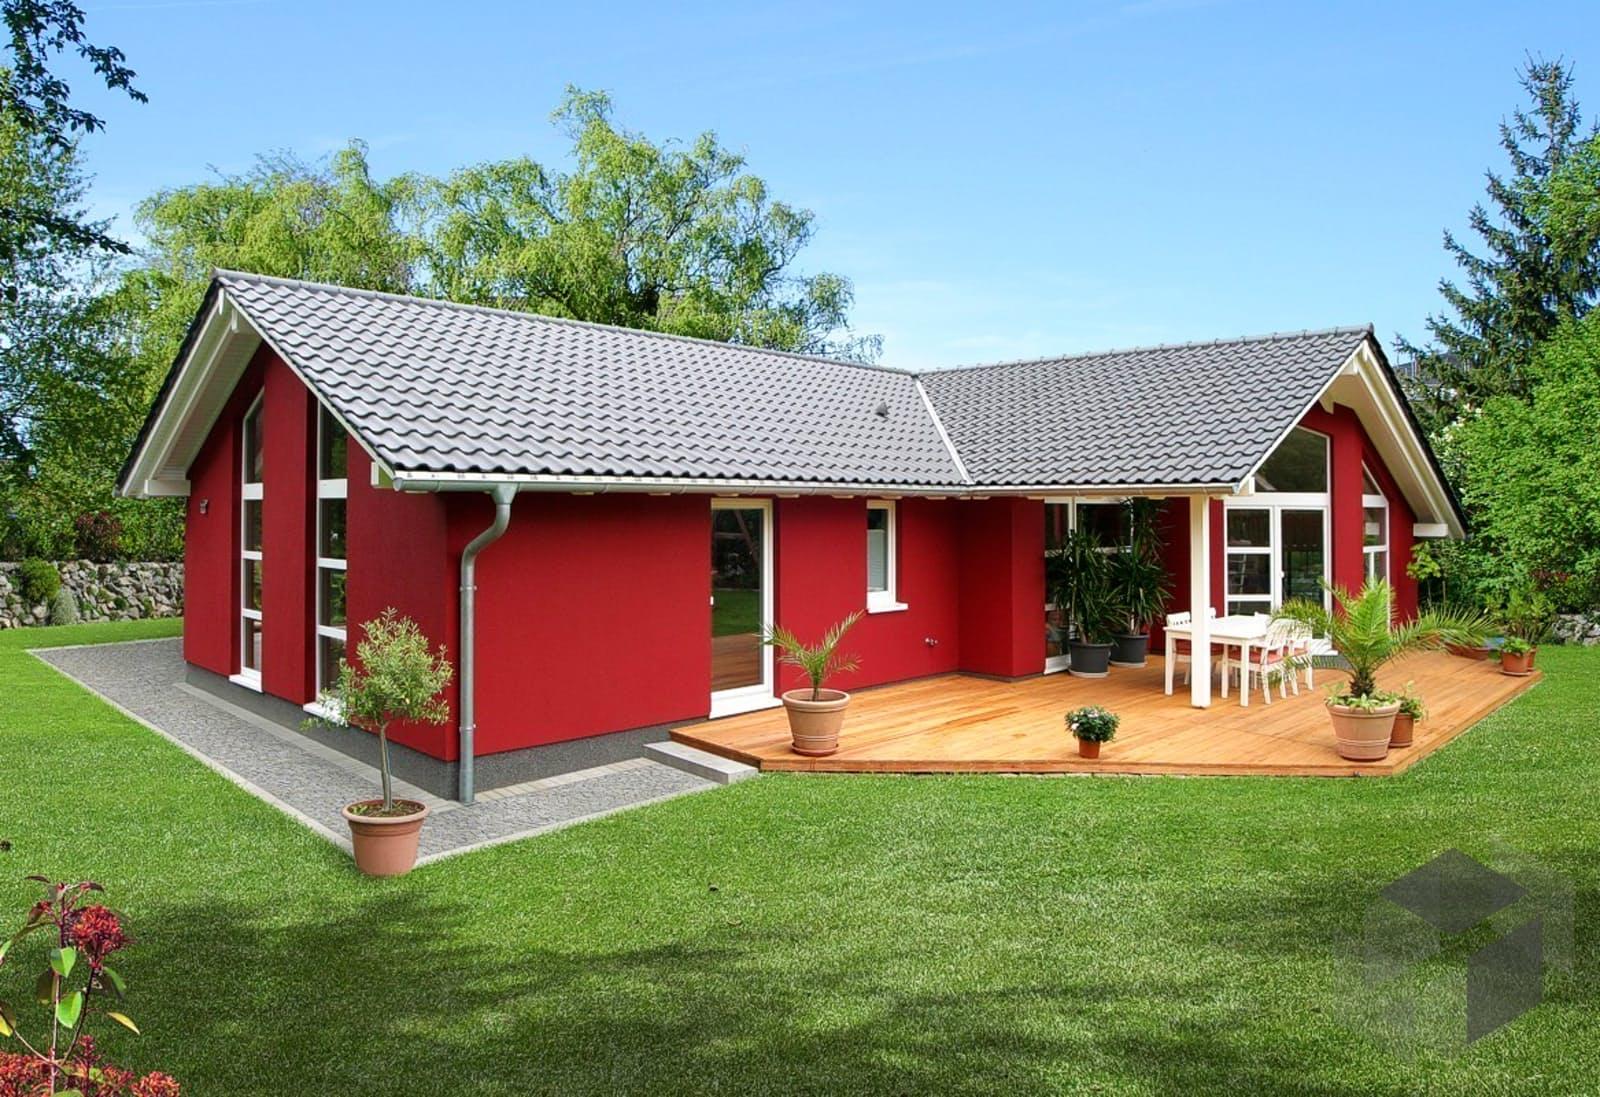 bungalow eichwalde von ebh haus komplette daten bersicht. Black Bedroom Furniture Sets. Home Design Ideas